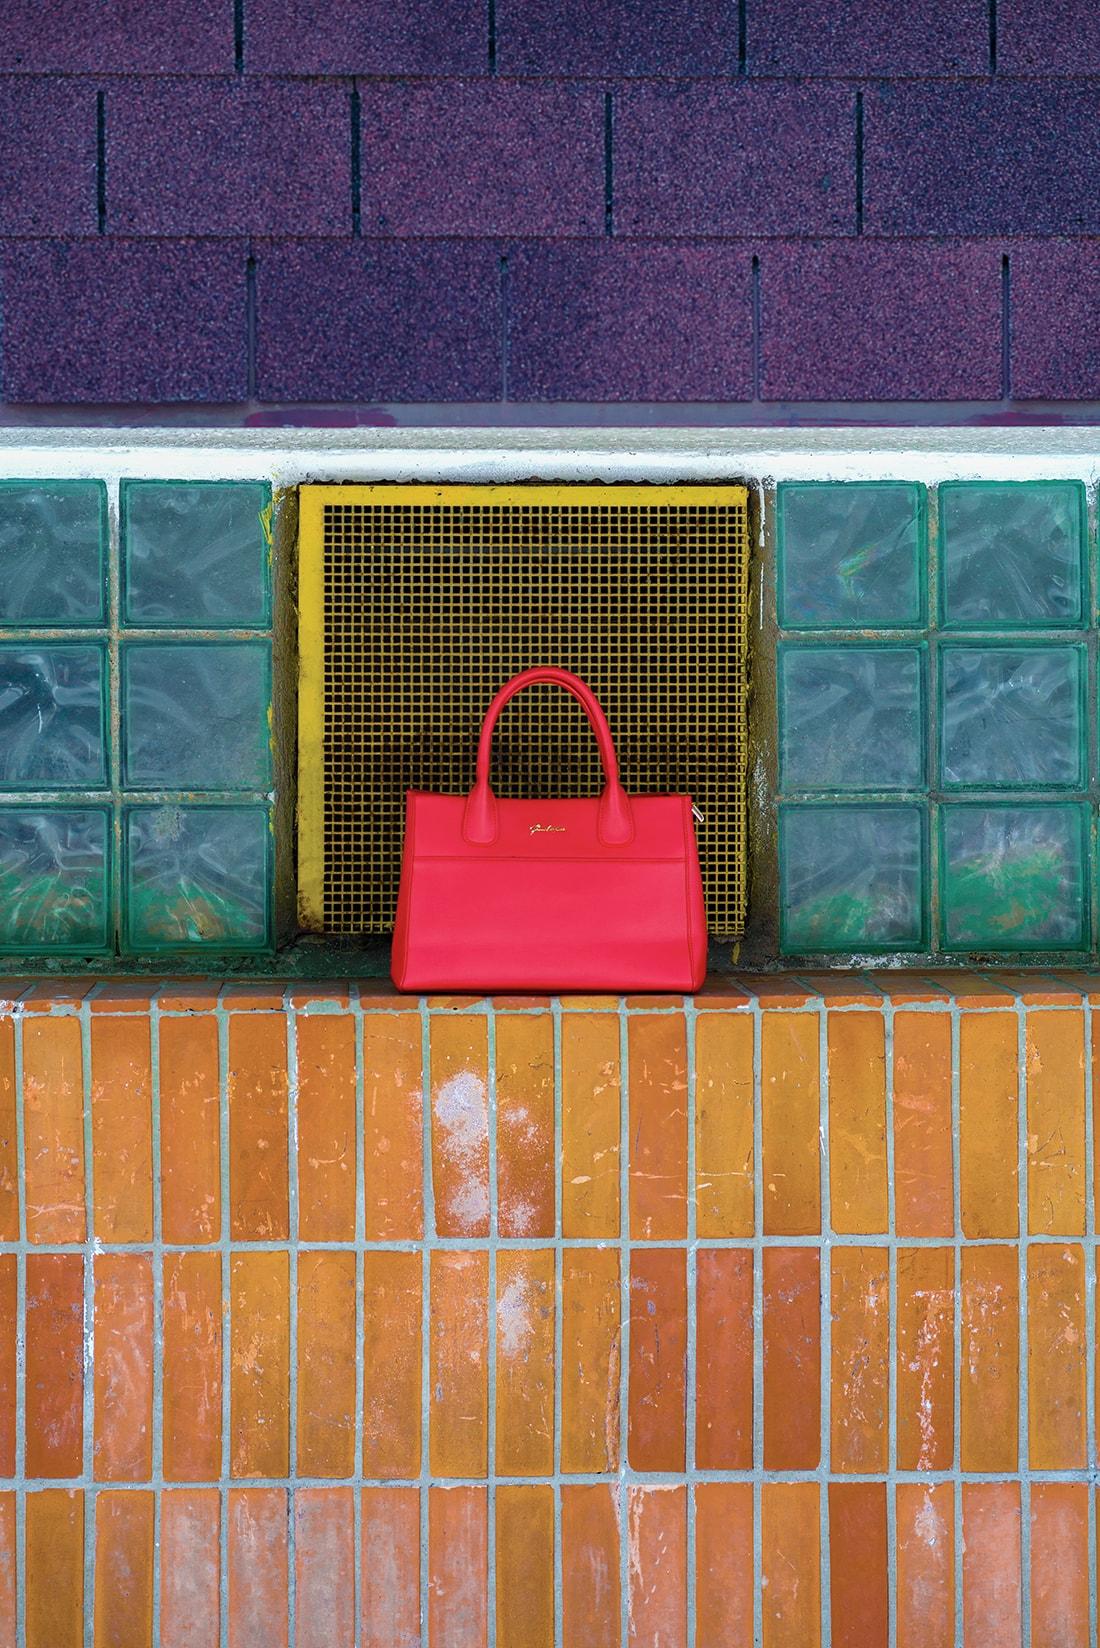 RADOSŤ AJ VĎAKA NÁRAMKOM OD DELTIMO_Katharine-fashion is beautiful_blog 2_Zlatá plisovaná sukňa Zara_Červená kabelka JEJ_Zvierací motív_Katarína Jakubčová_Fashion blogger